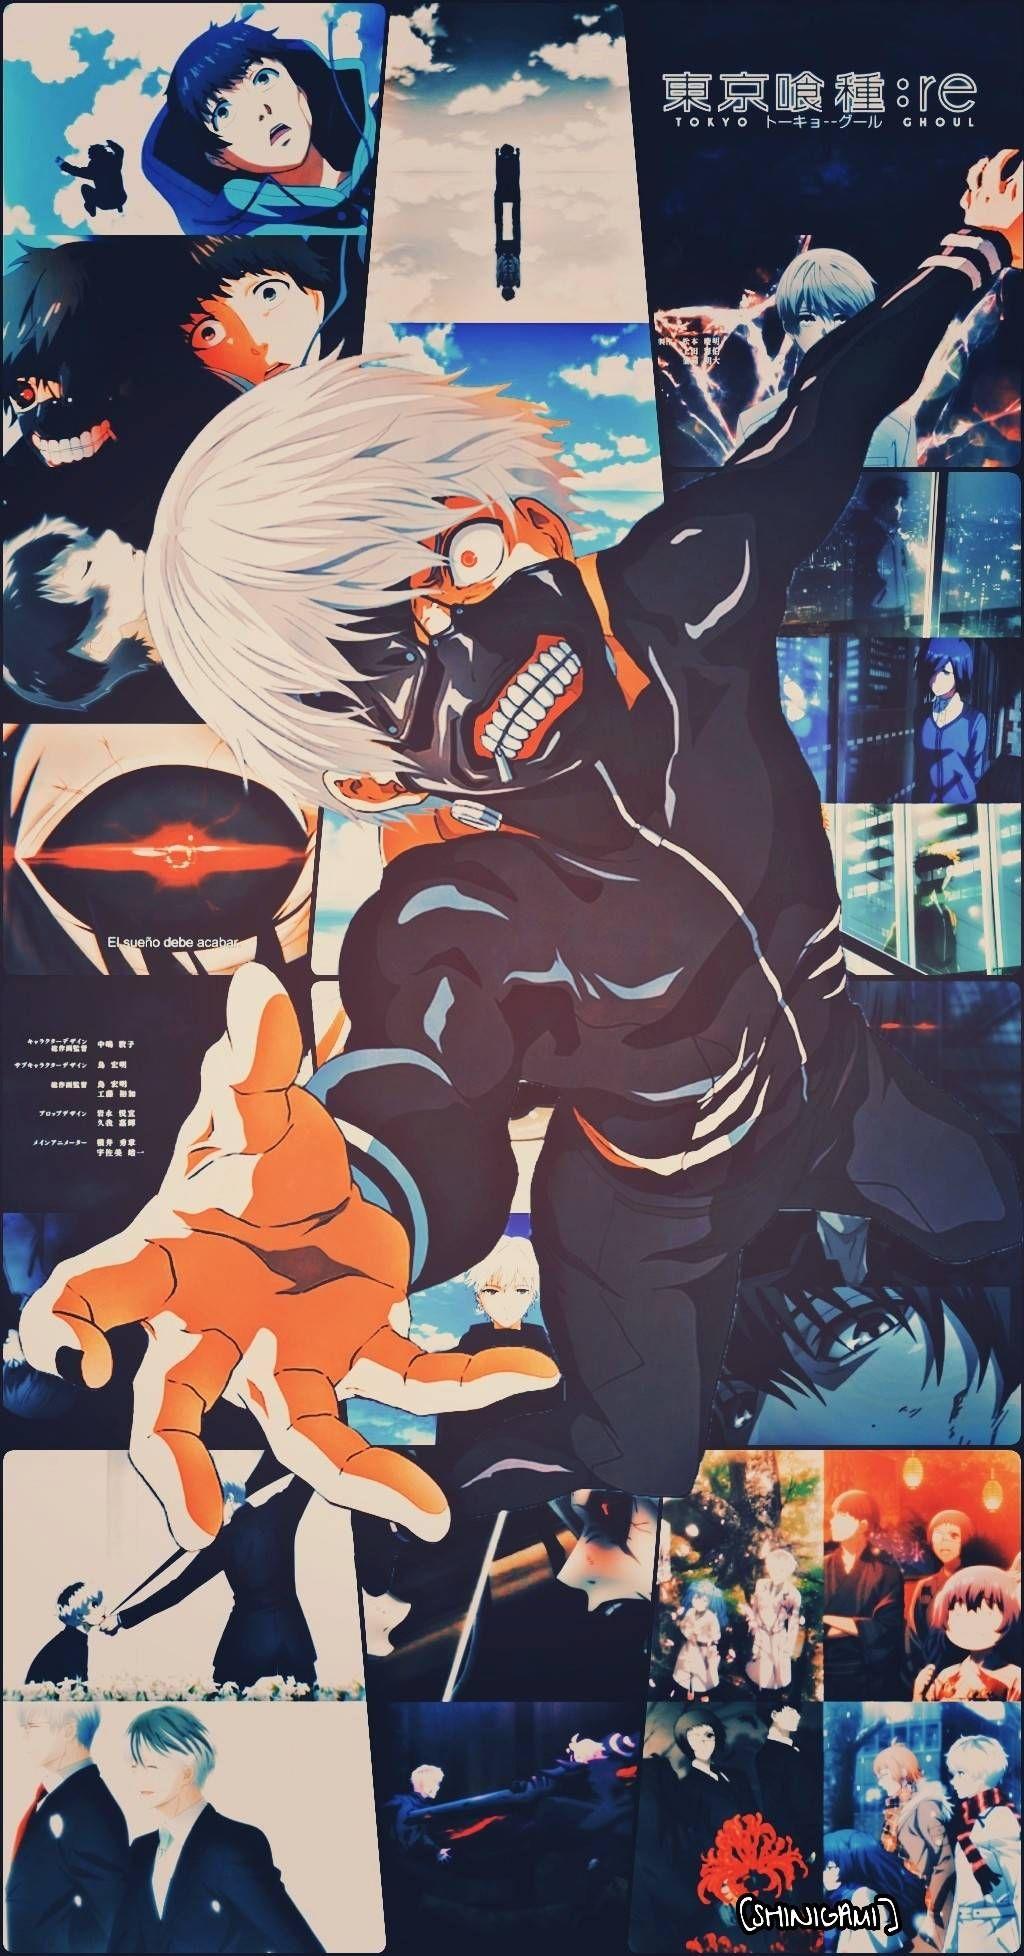 Pin On Fondo De Pantalla De Anime Deviantart iphone wallpaper anime